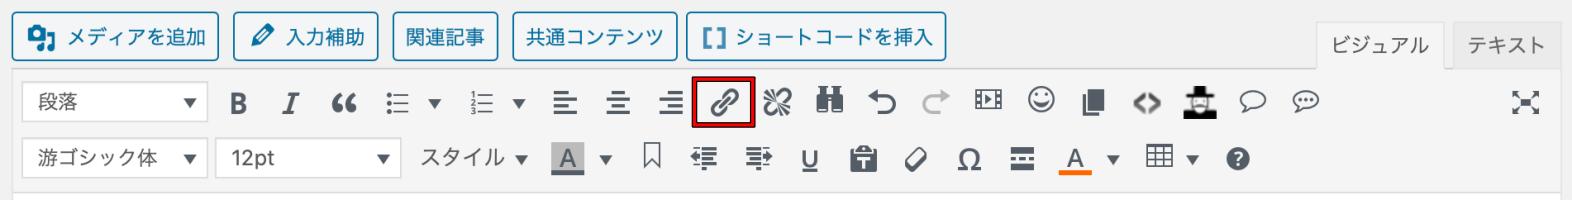 プラグイン「TinyMCE Advanced」の「リンク挿入/編集」の選択画面